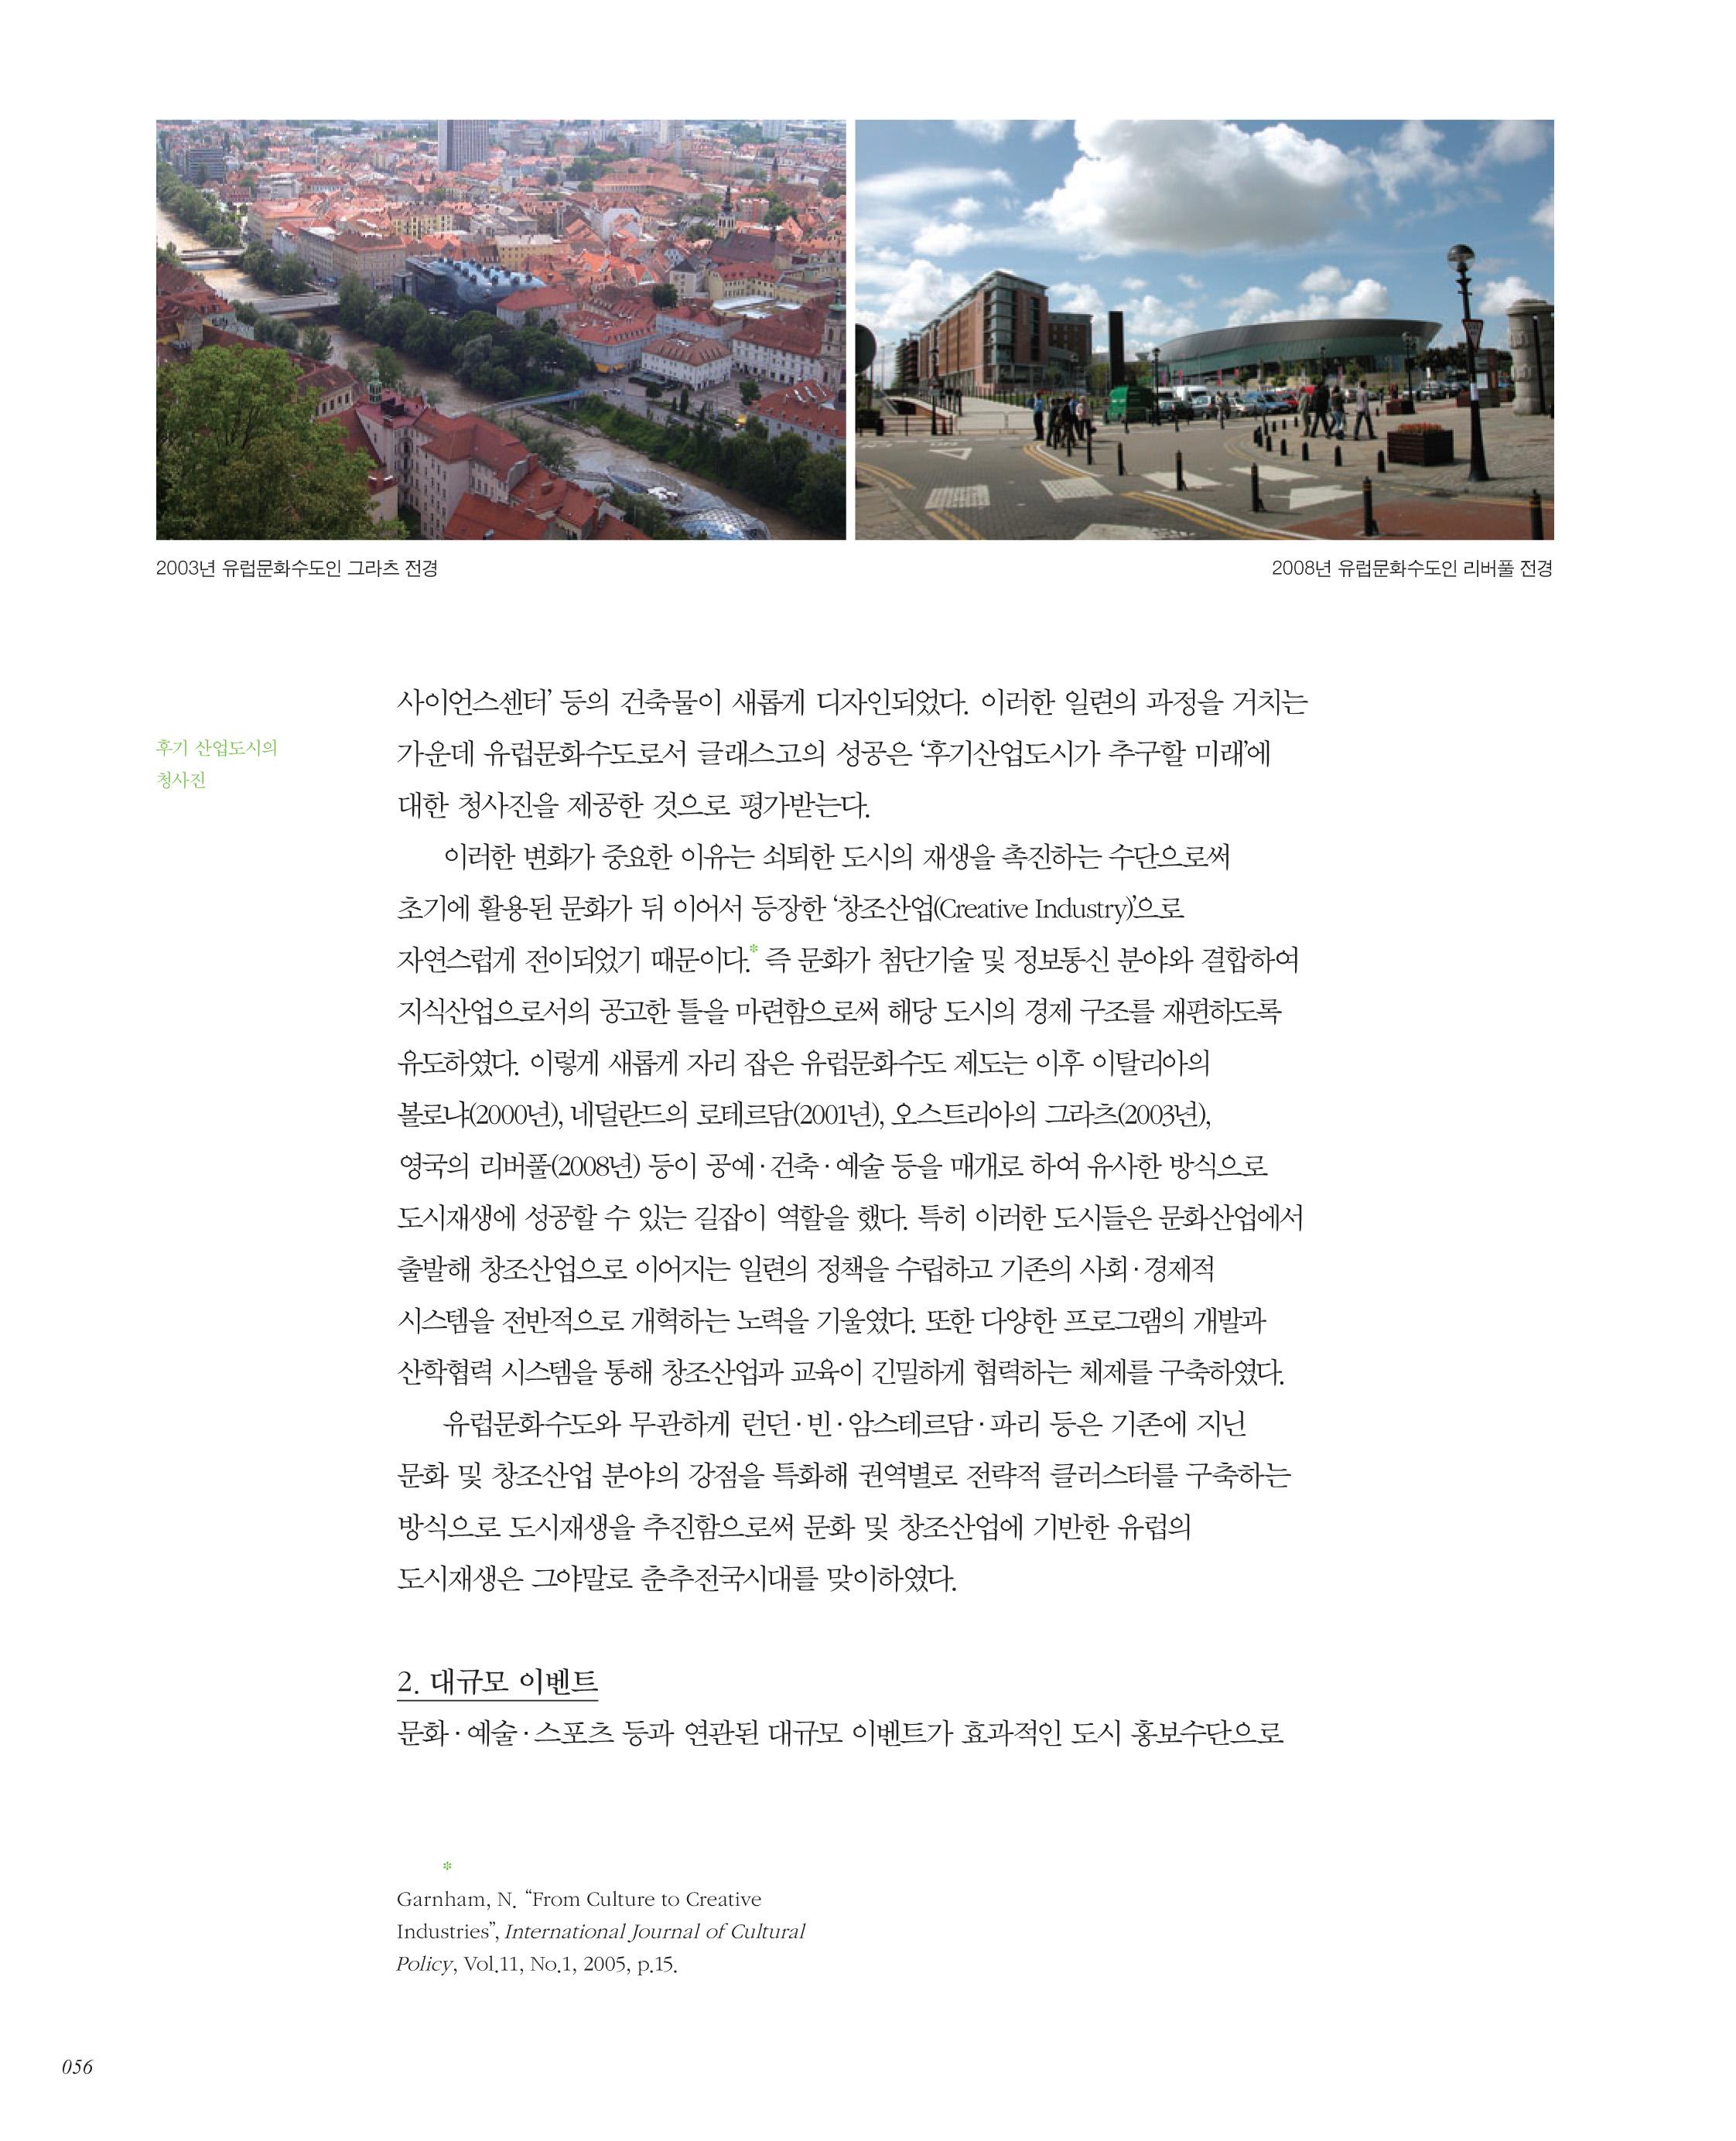 유럽의 건축문화기반 도시재생_김정후 박사-8.jpg